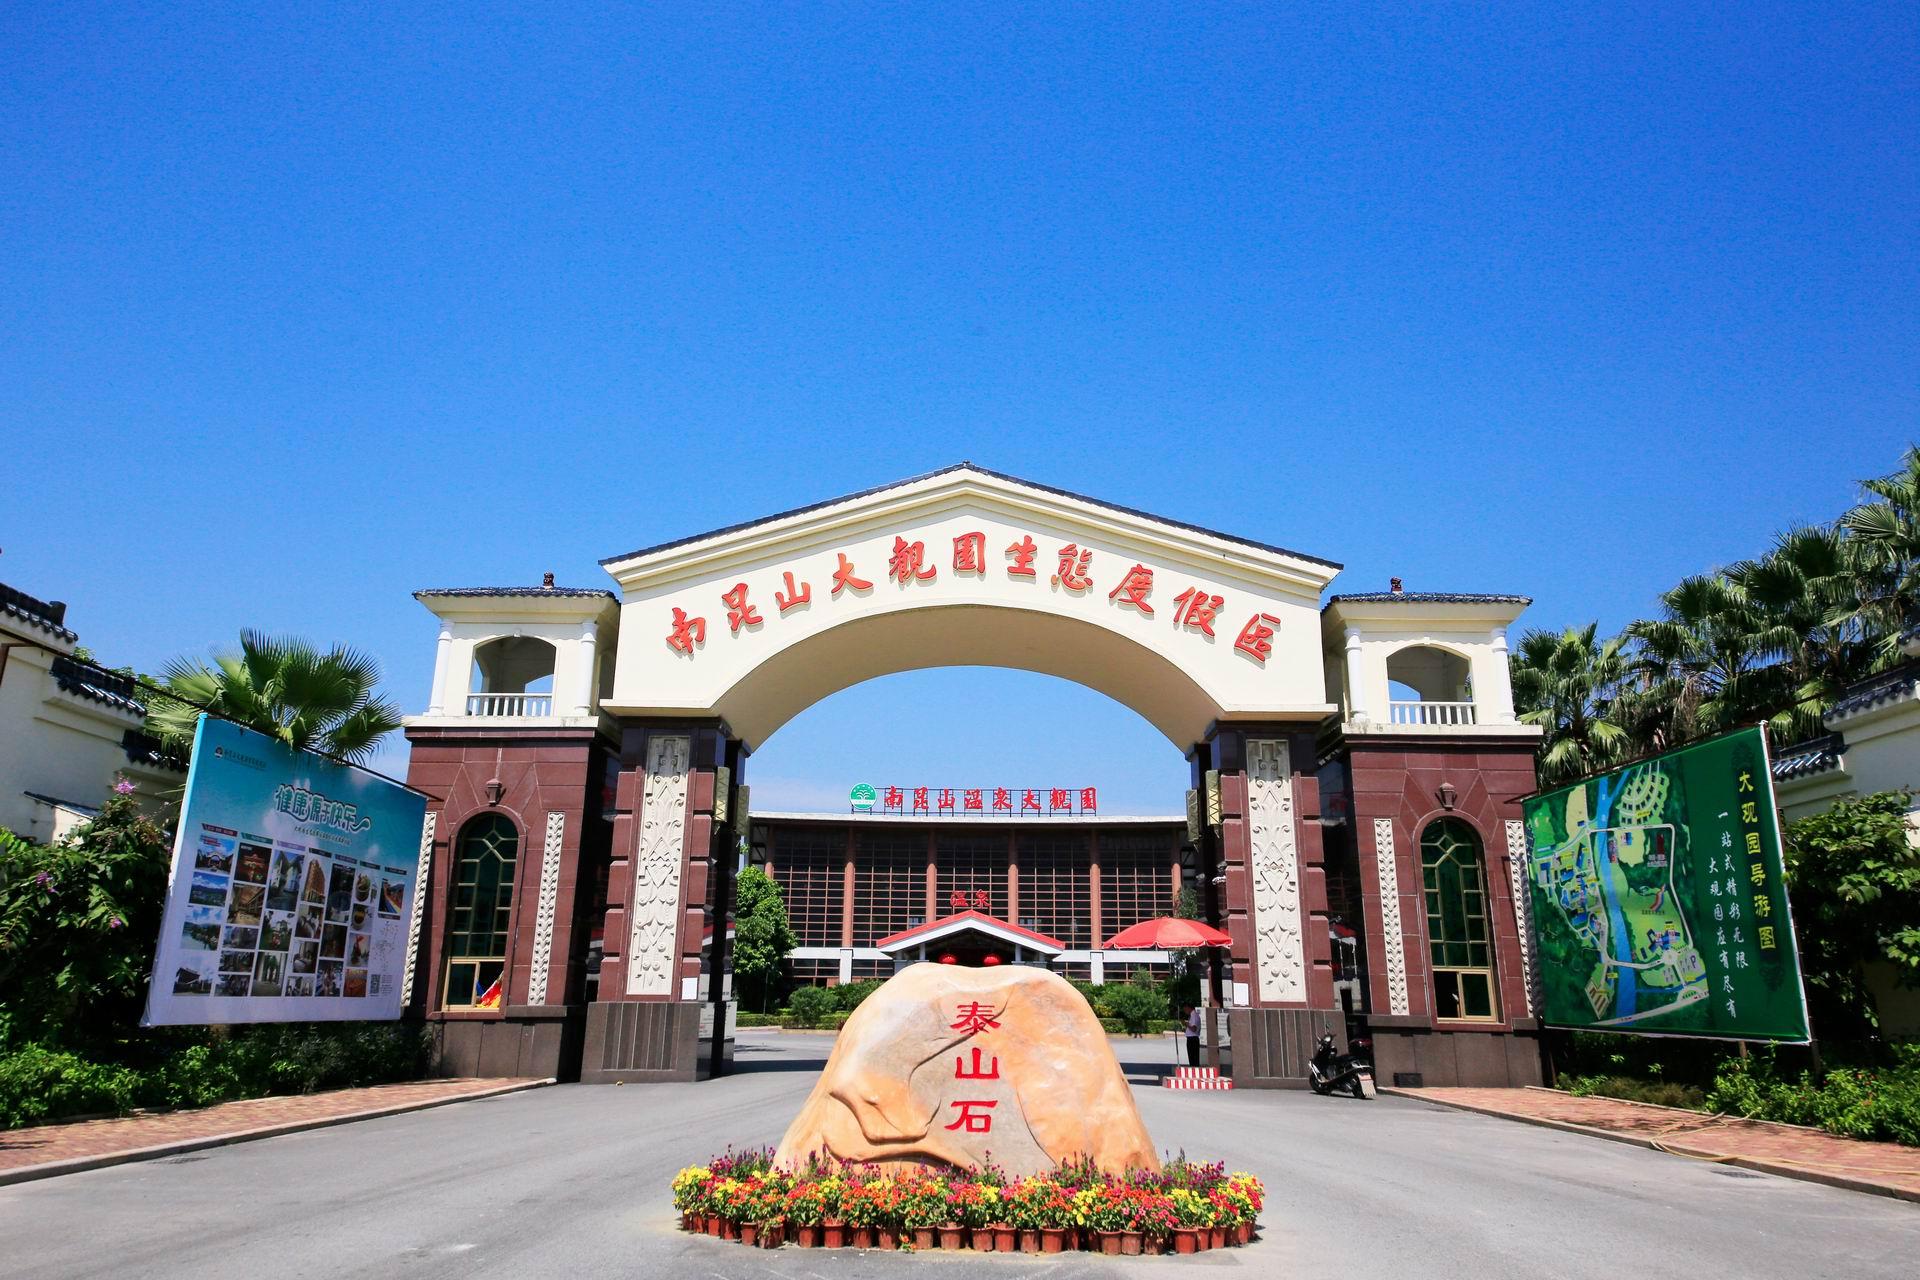 <温泉之旅>广州往返惠州龙门大观园温泉纯玩2天半自助游